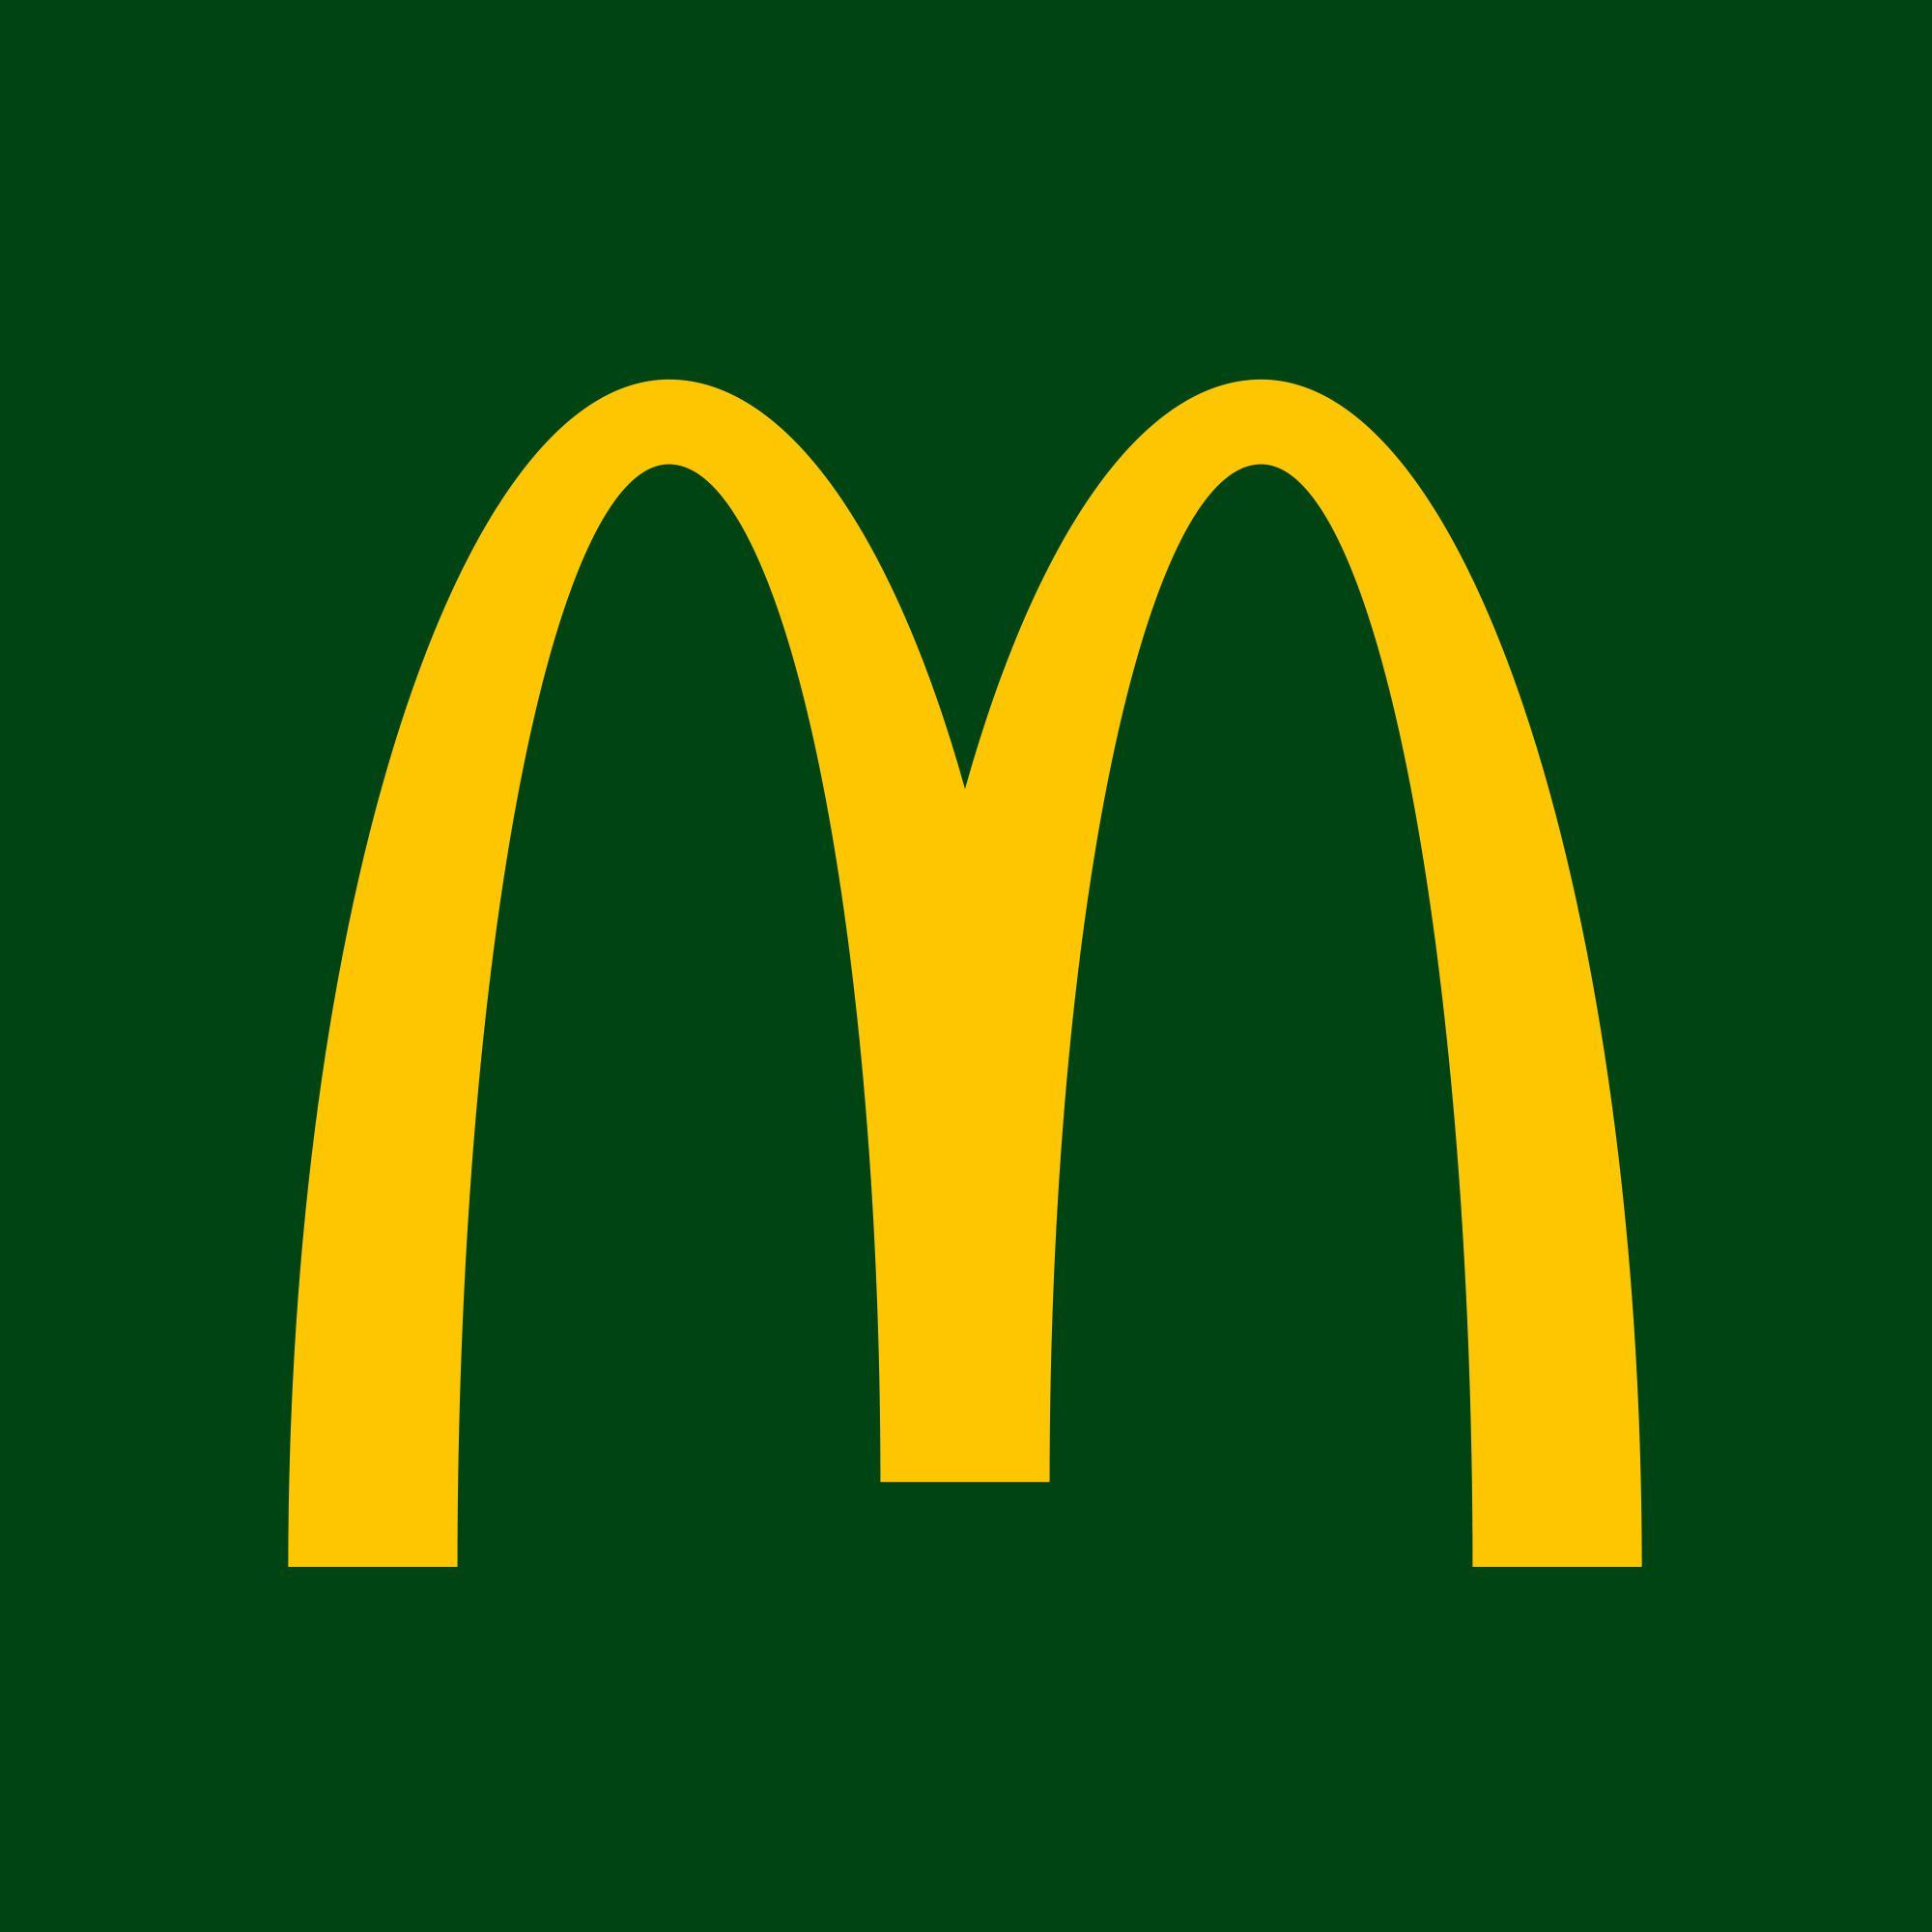 De 19h à 21h  : Big Mac